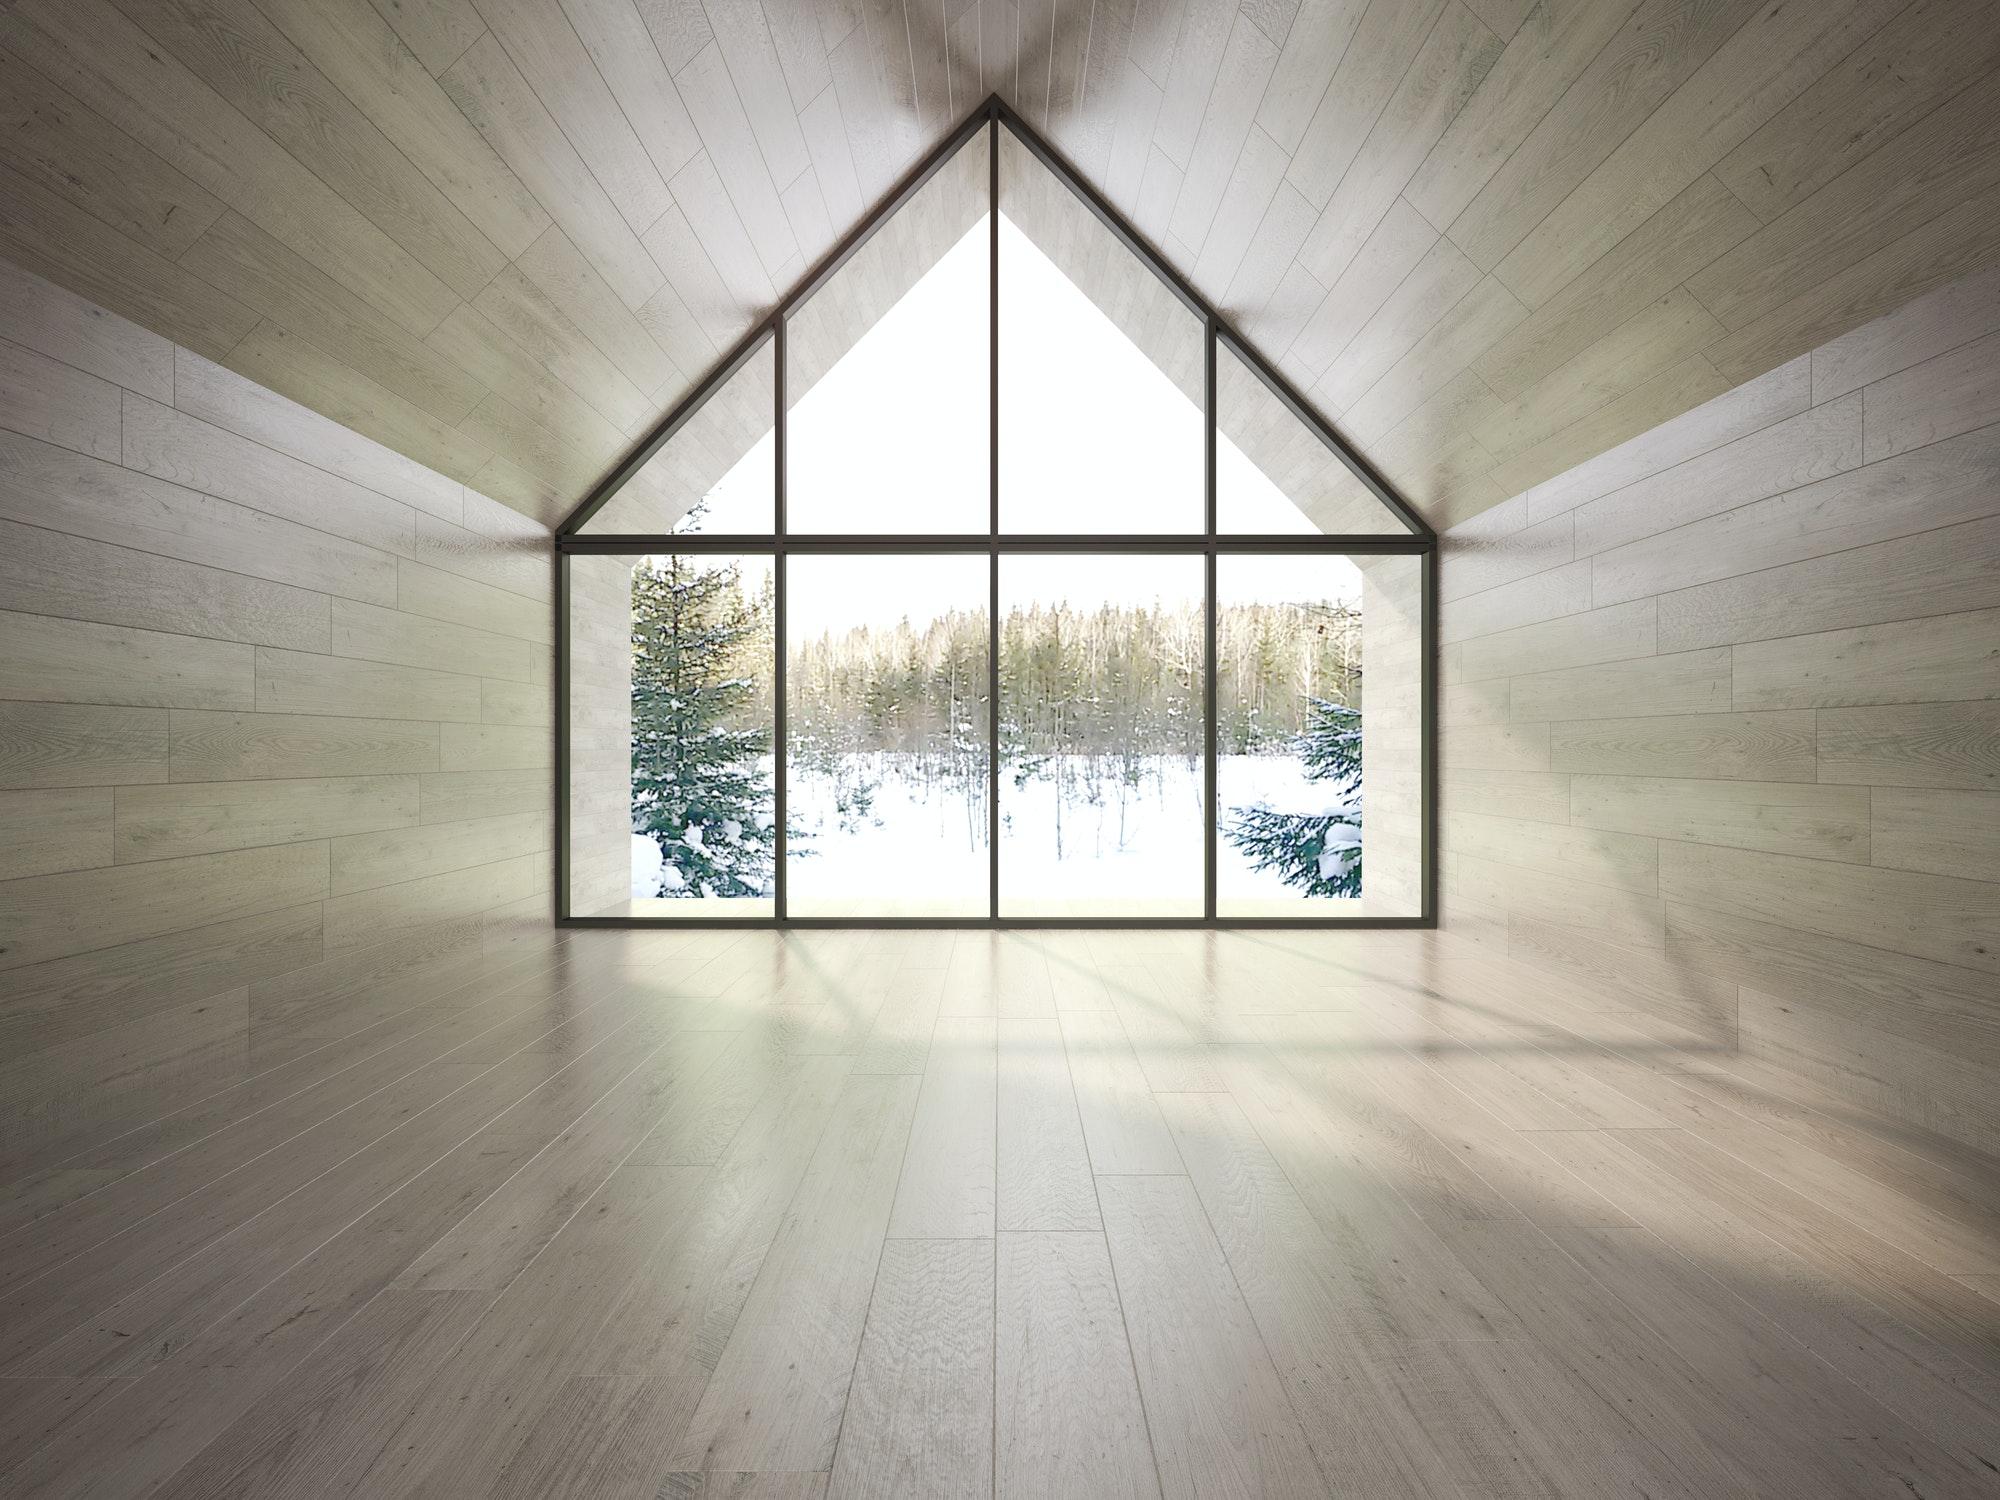 empty living room 3D rendering